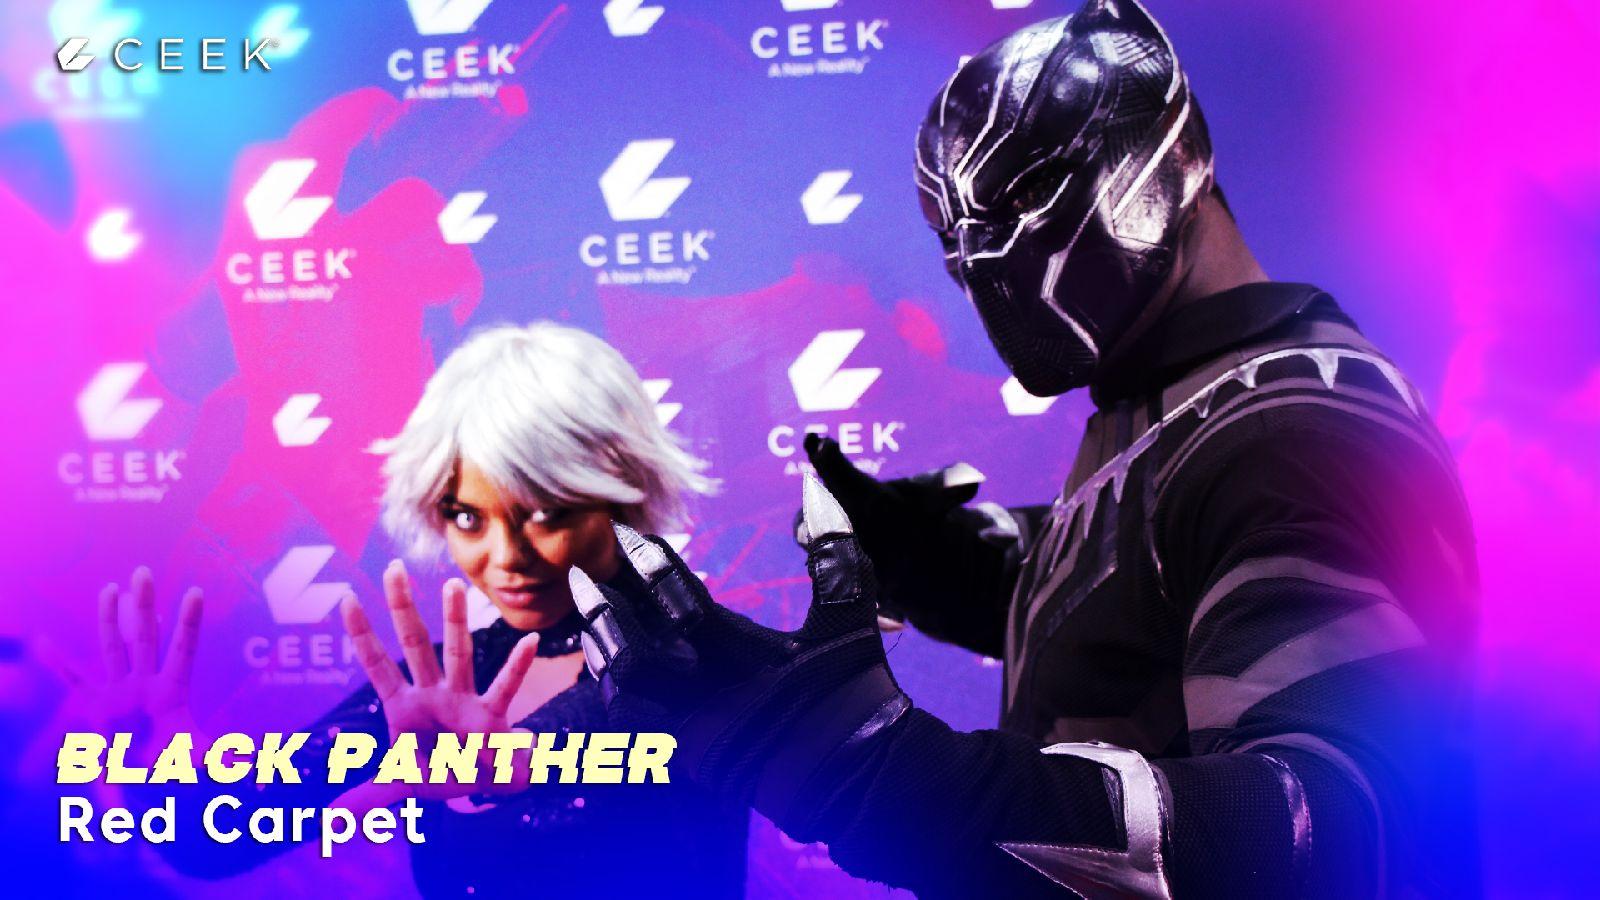 Black Panther - Red Carpet